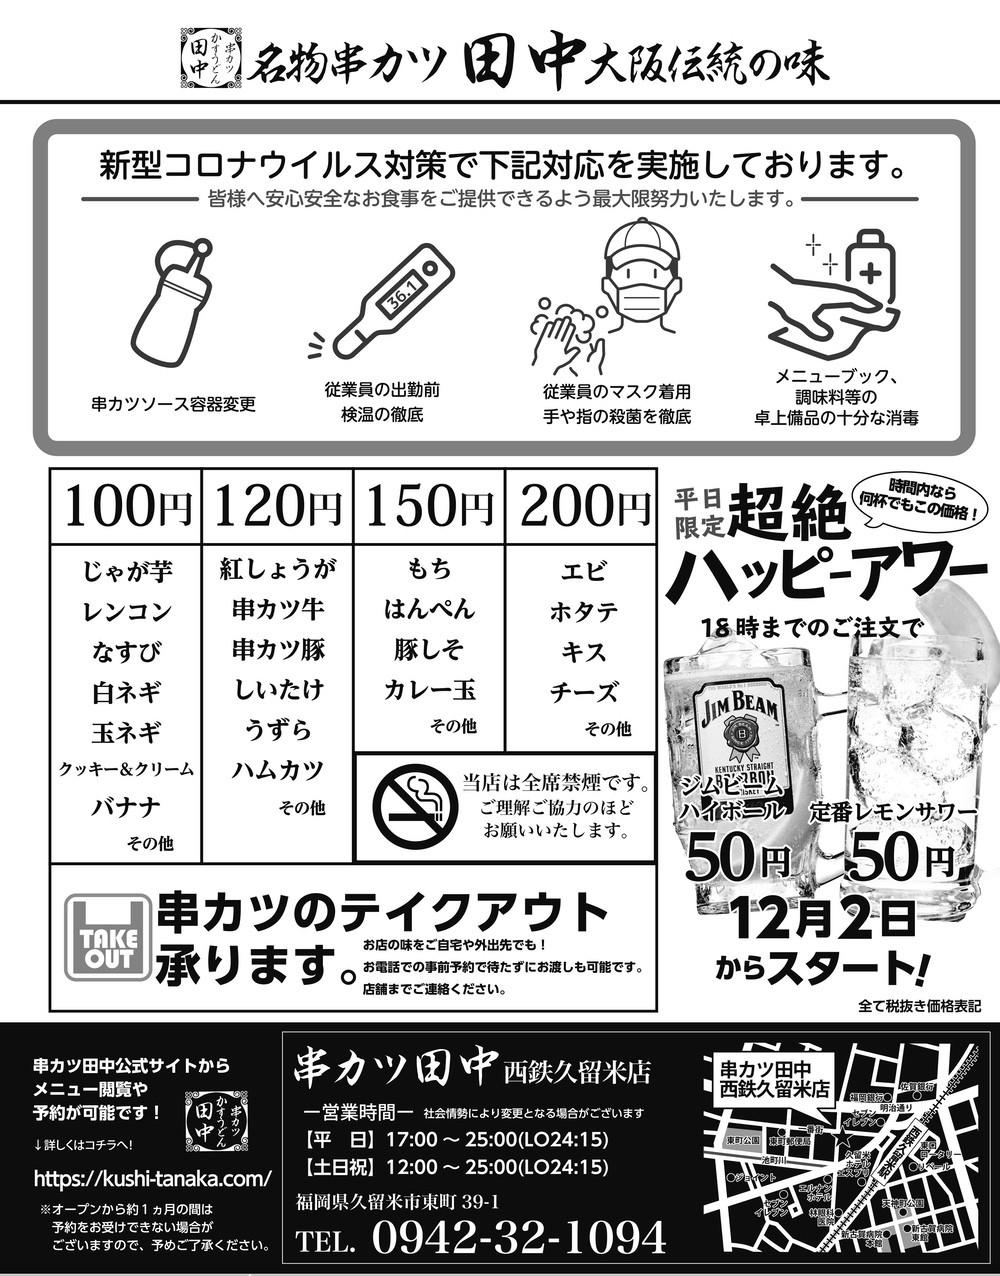 串カツ田中 西鉄久留米店 11月25日オープン!全国で人気の串カツ店が筑後地方初出店